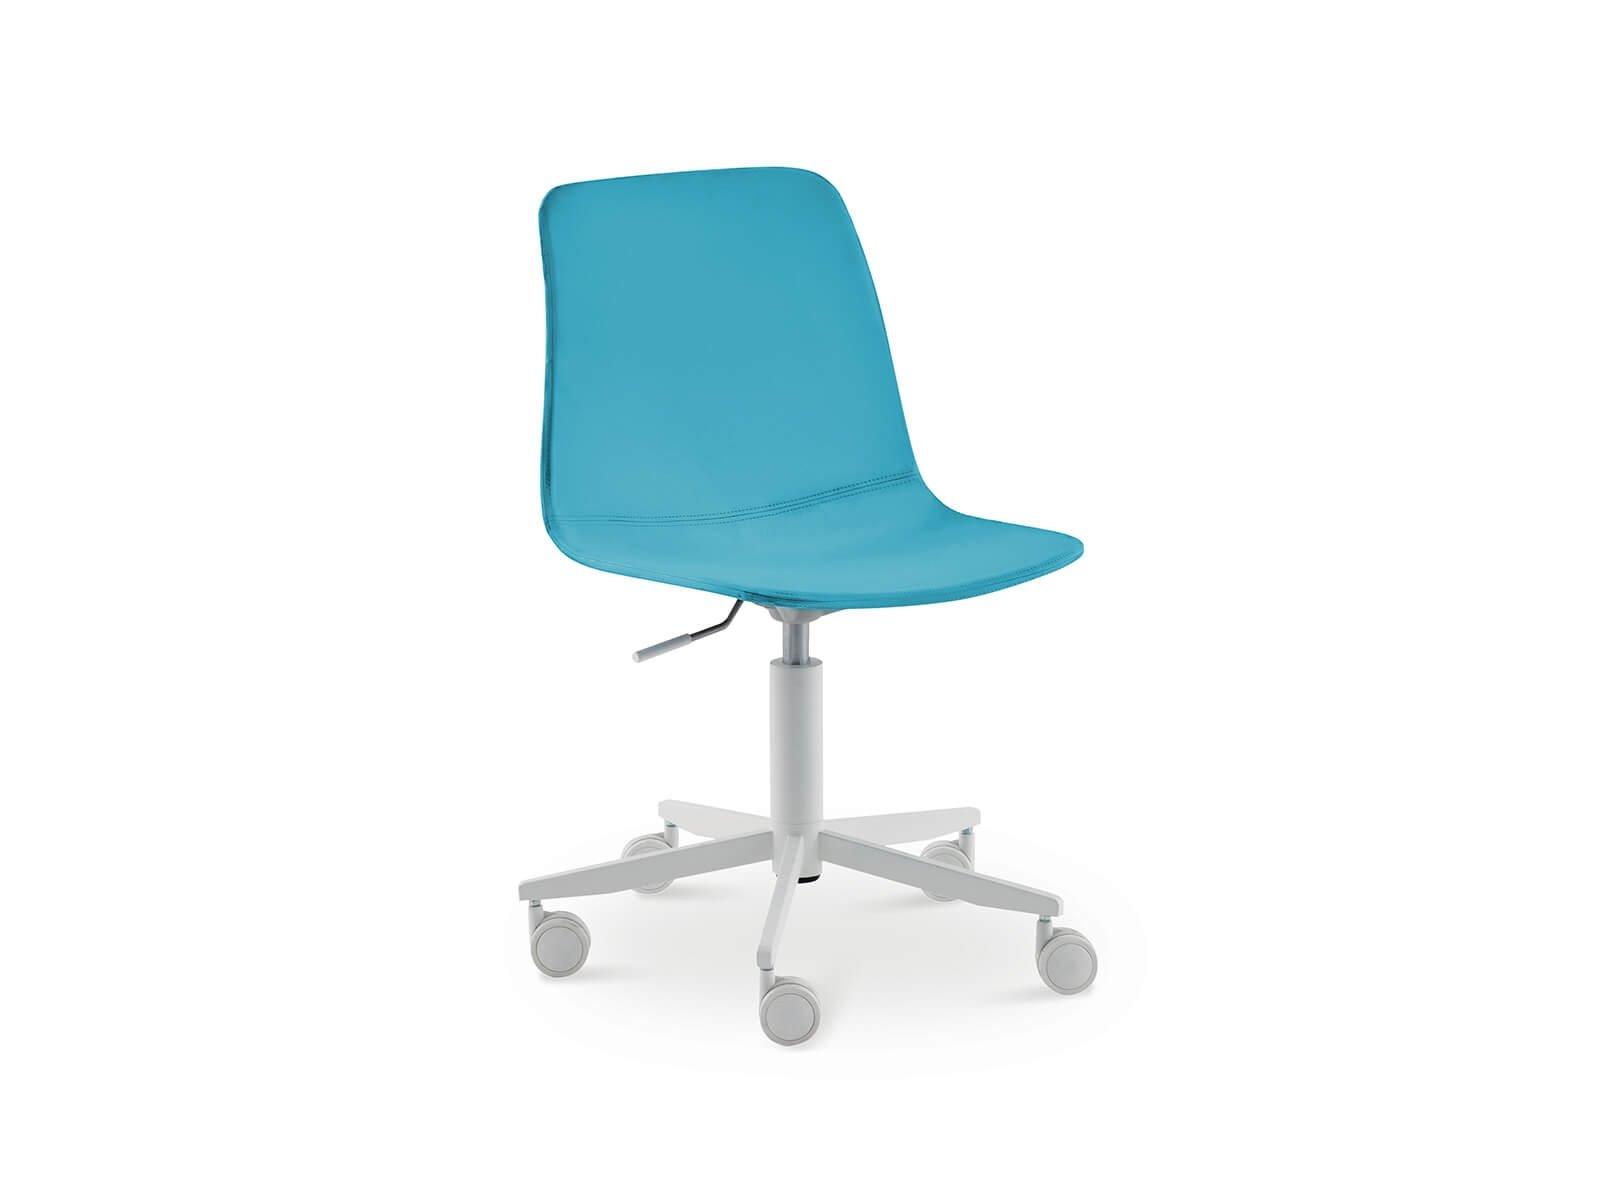 Chaise Pod rembourrée